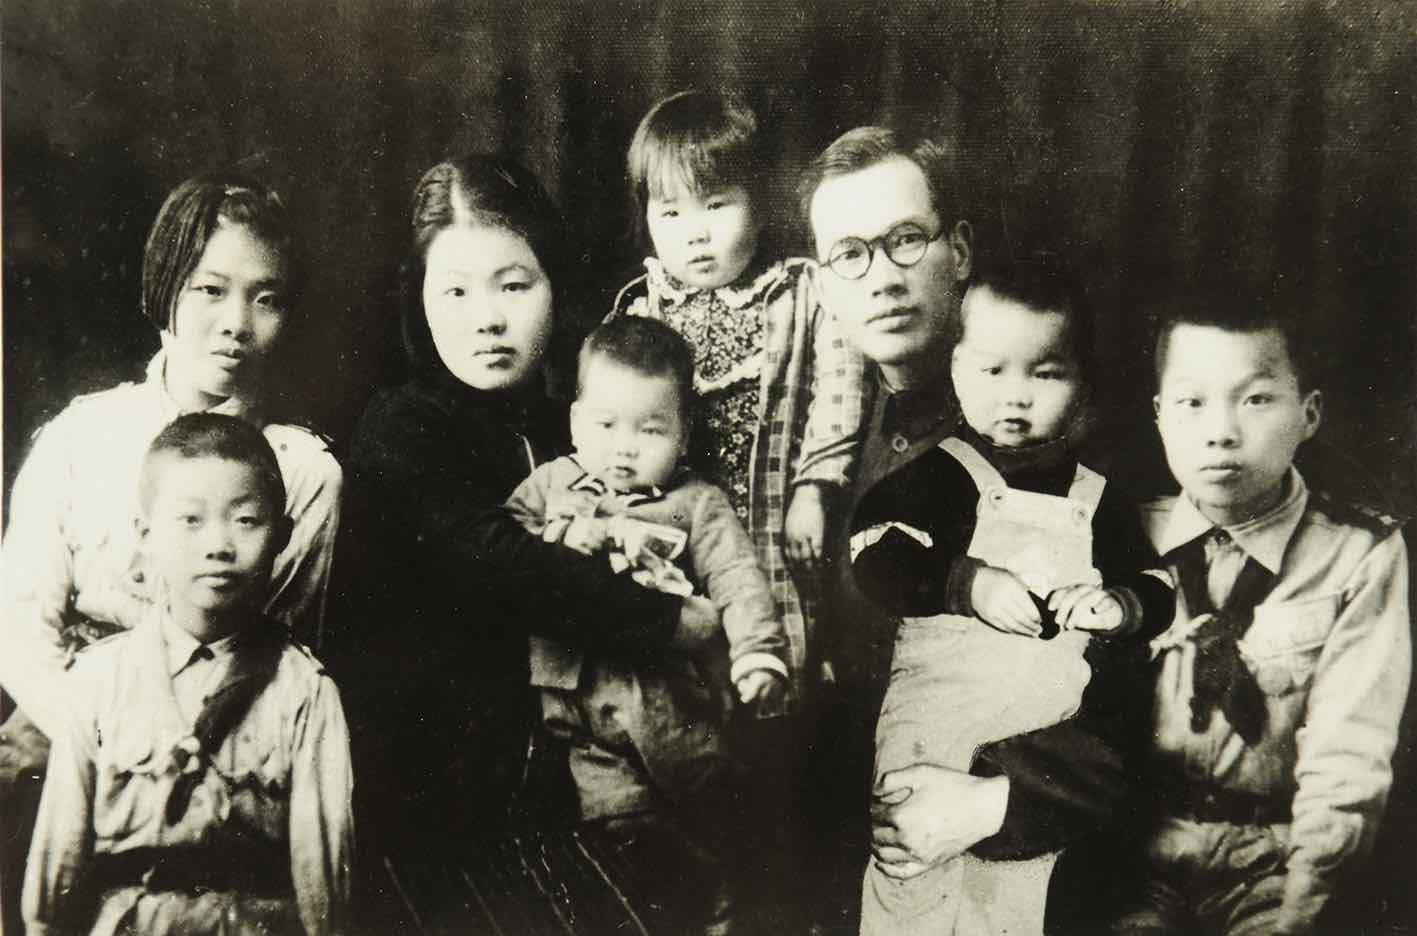 鄭約(鄭堅的父親)1939年抗戰期間於福建泉州的全家福(徐波提供)。